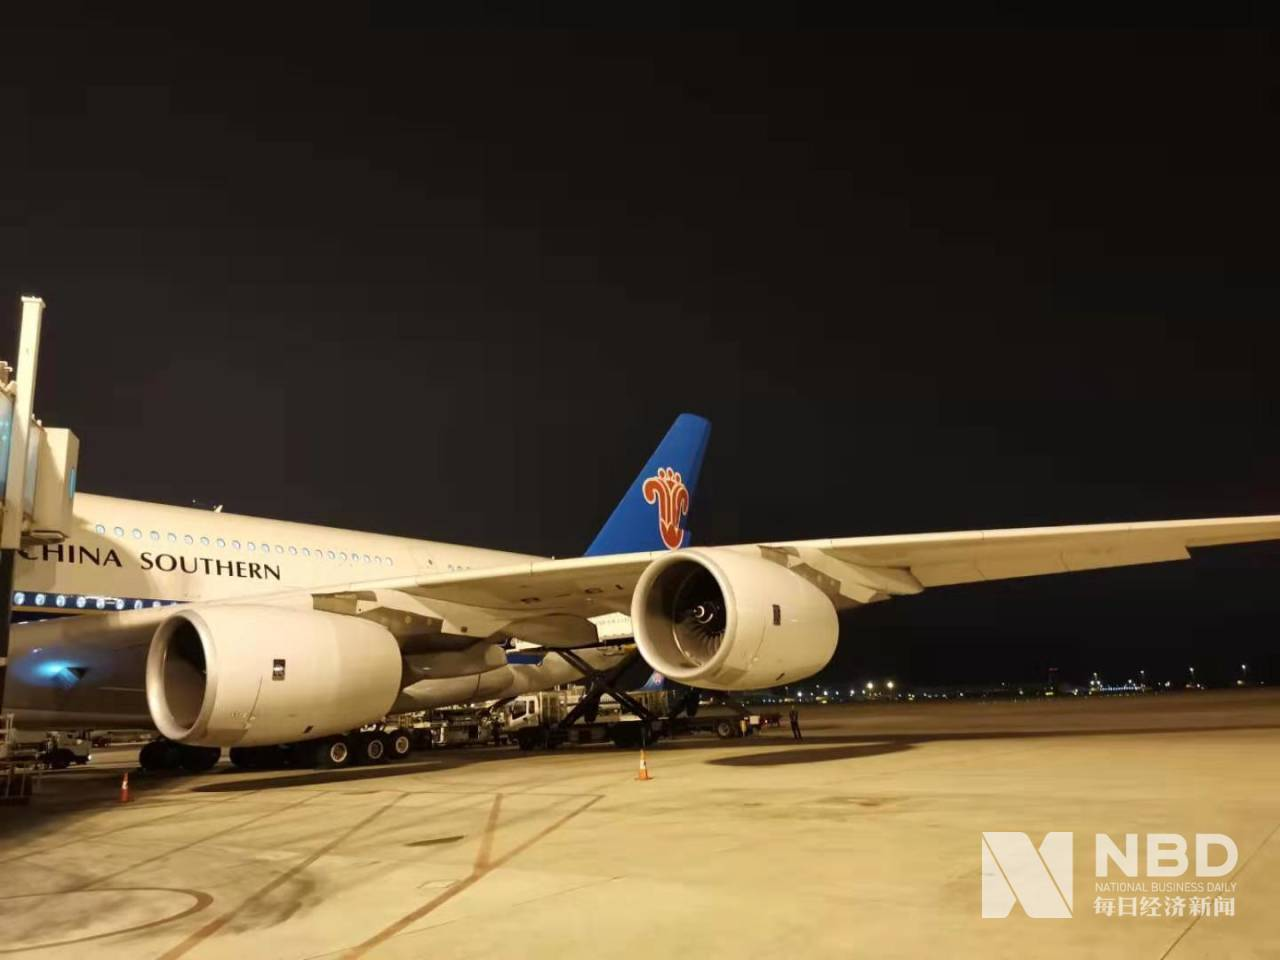 北京大兴国际机场首飞航班平稳运行 323名乘客已抵达广州